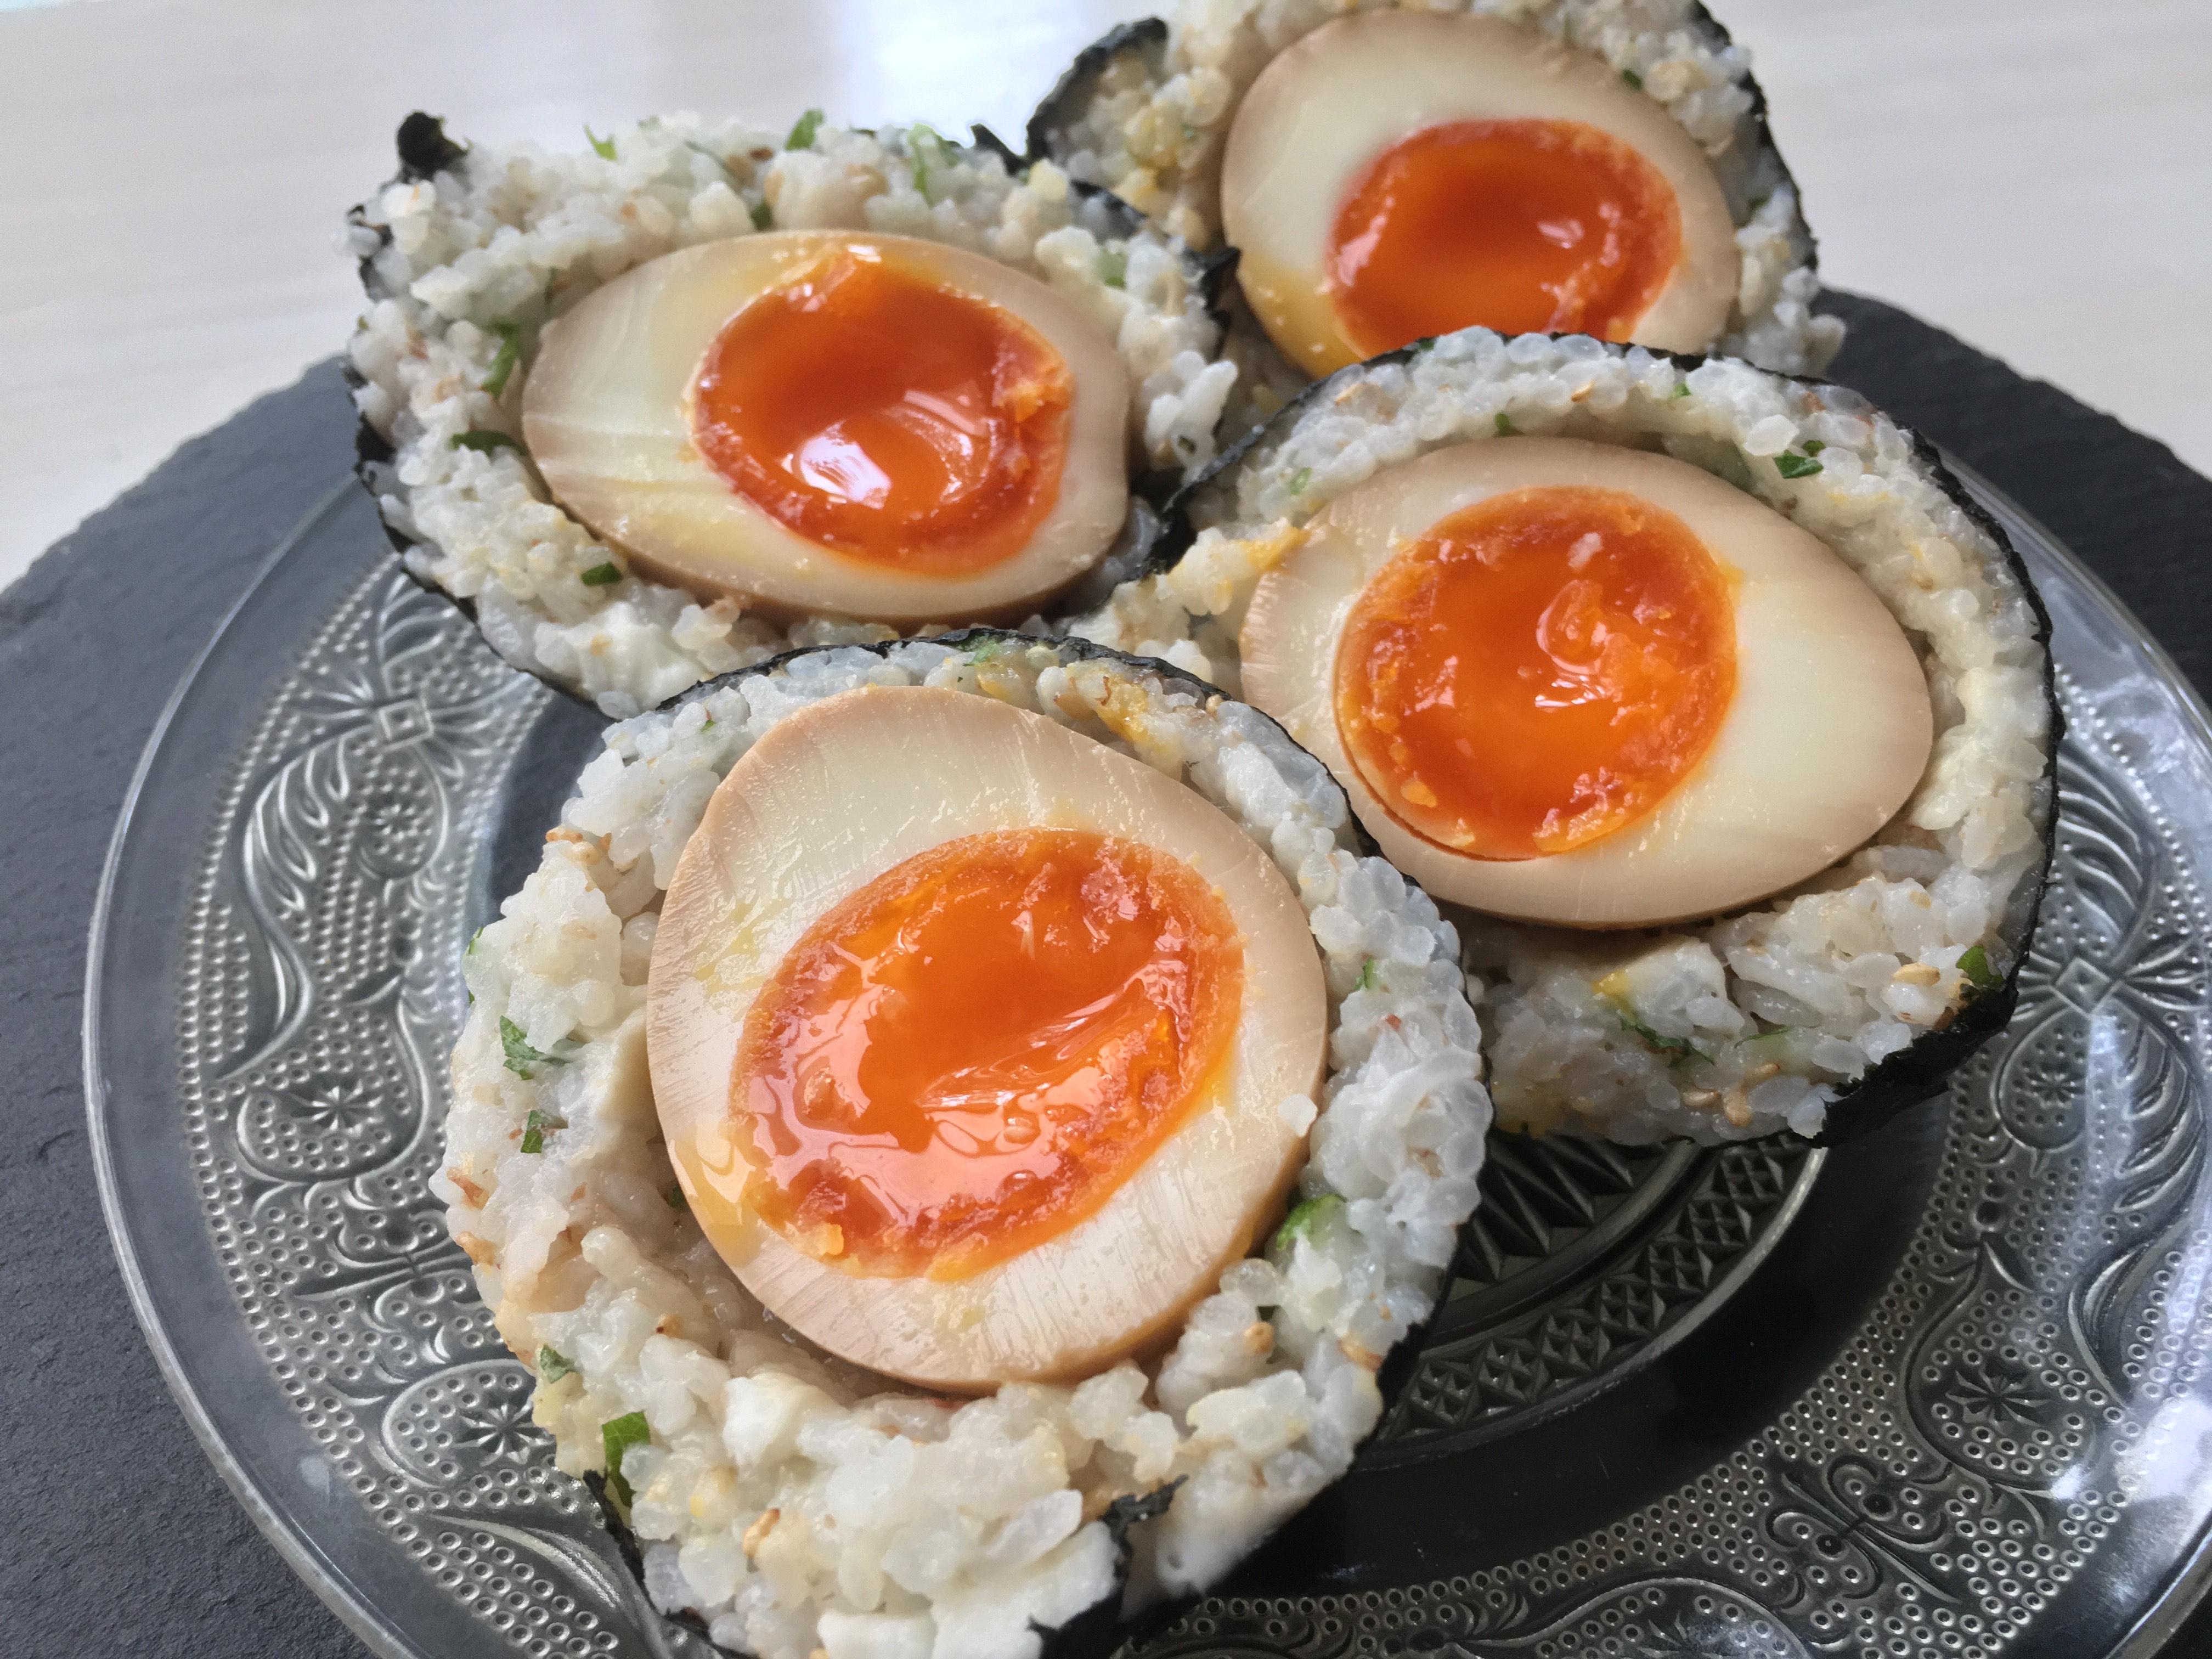 「煮卵チーズおかかおにぎり」第1回 アスリートフードレシピコンテスト「テーマ補食」 入賞作品